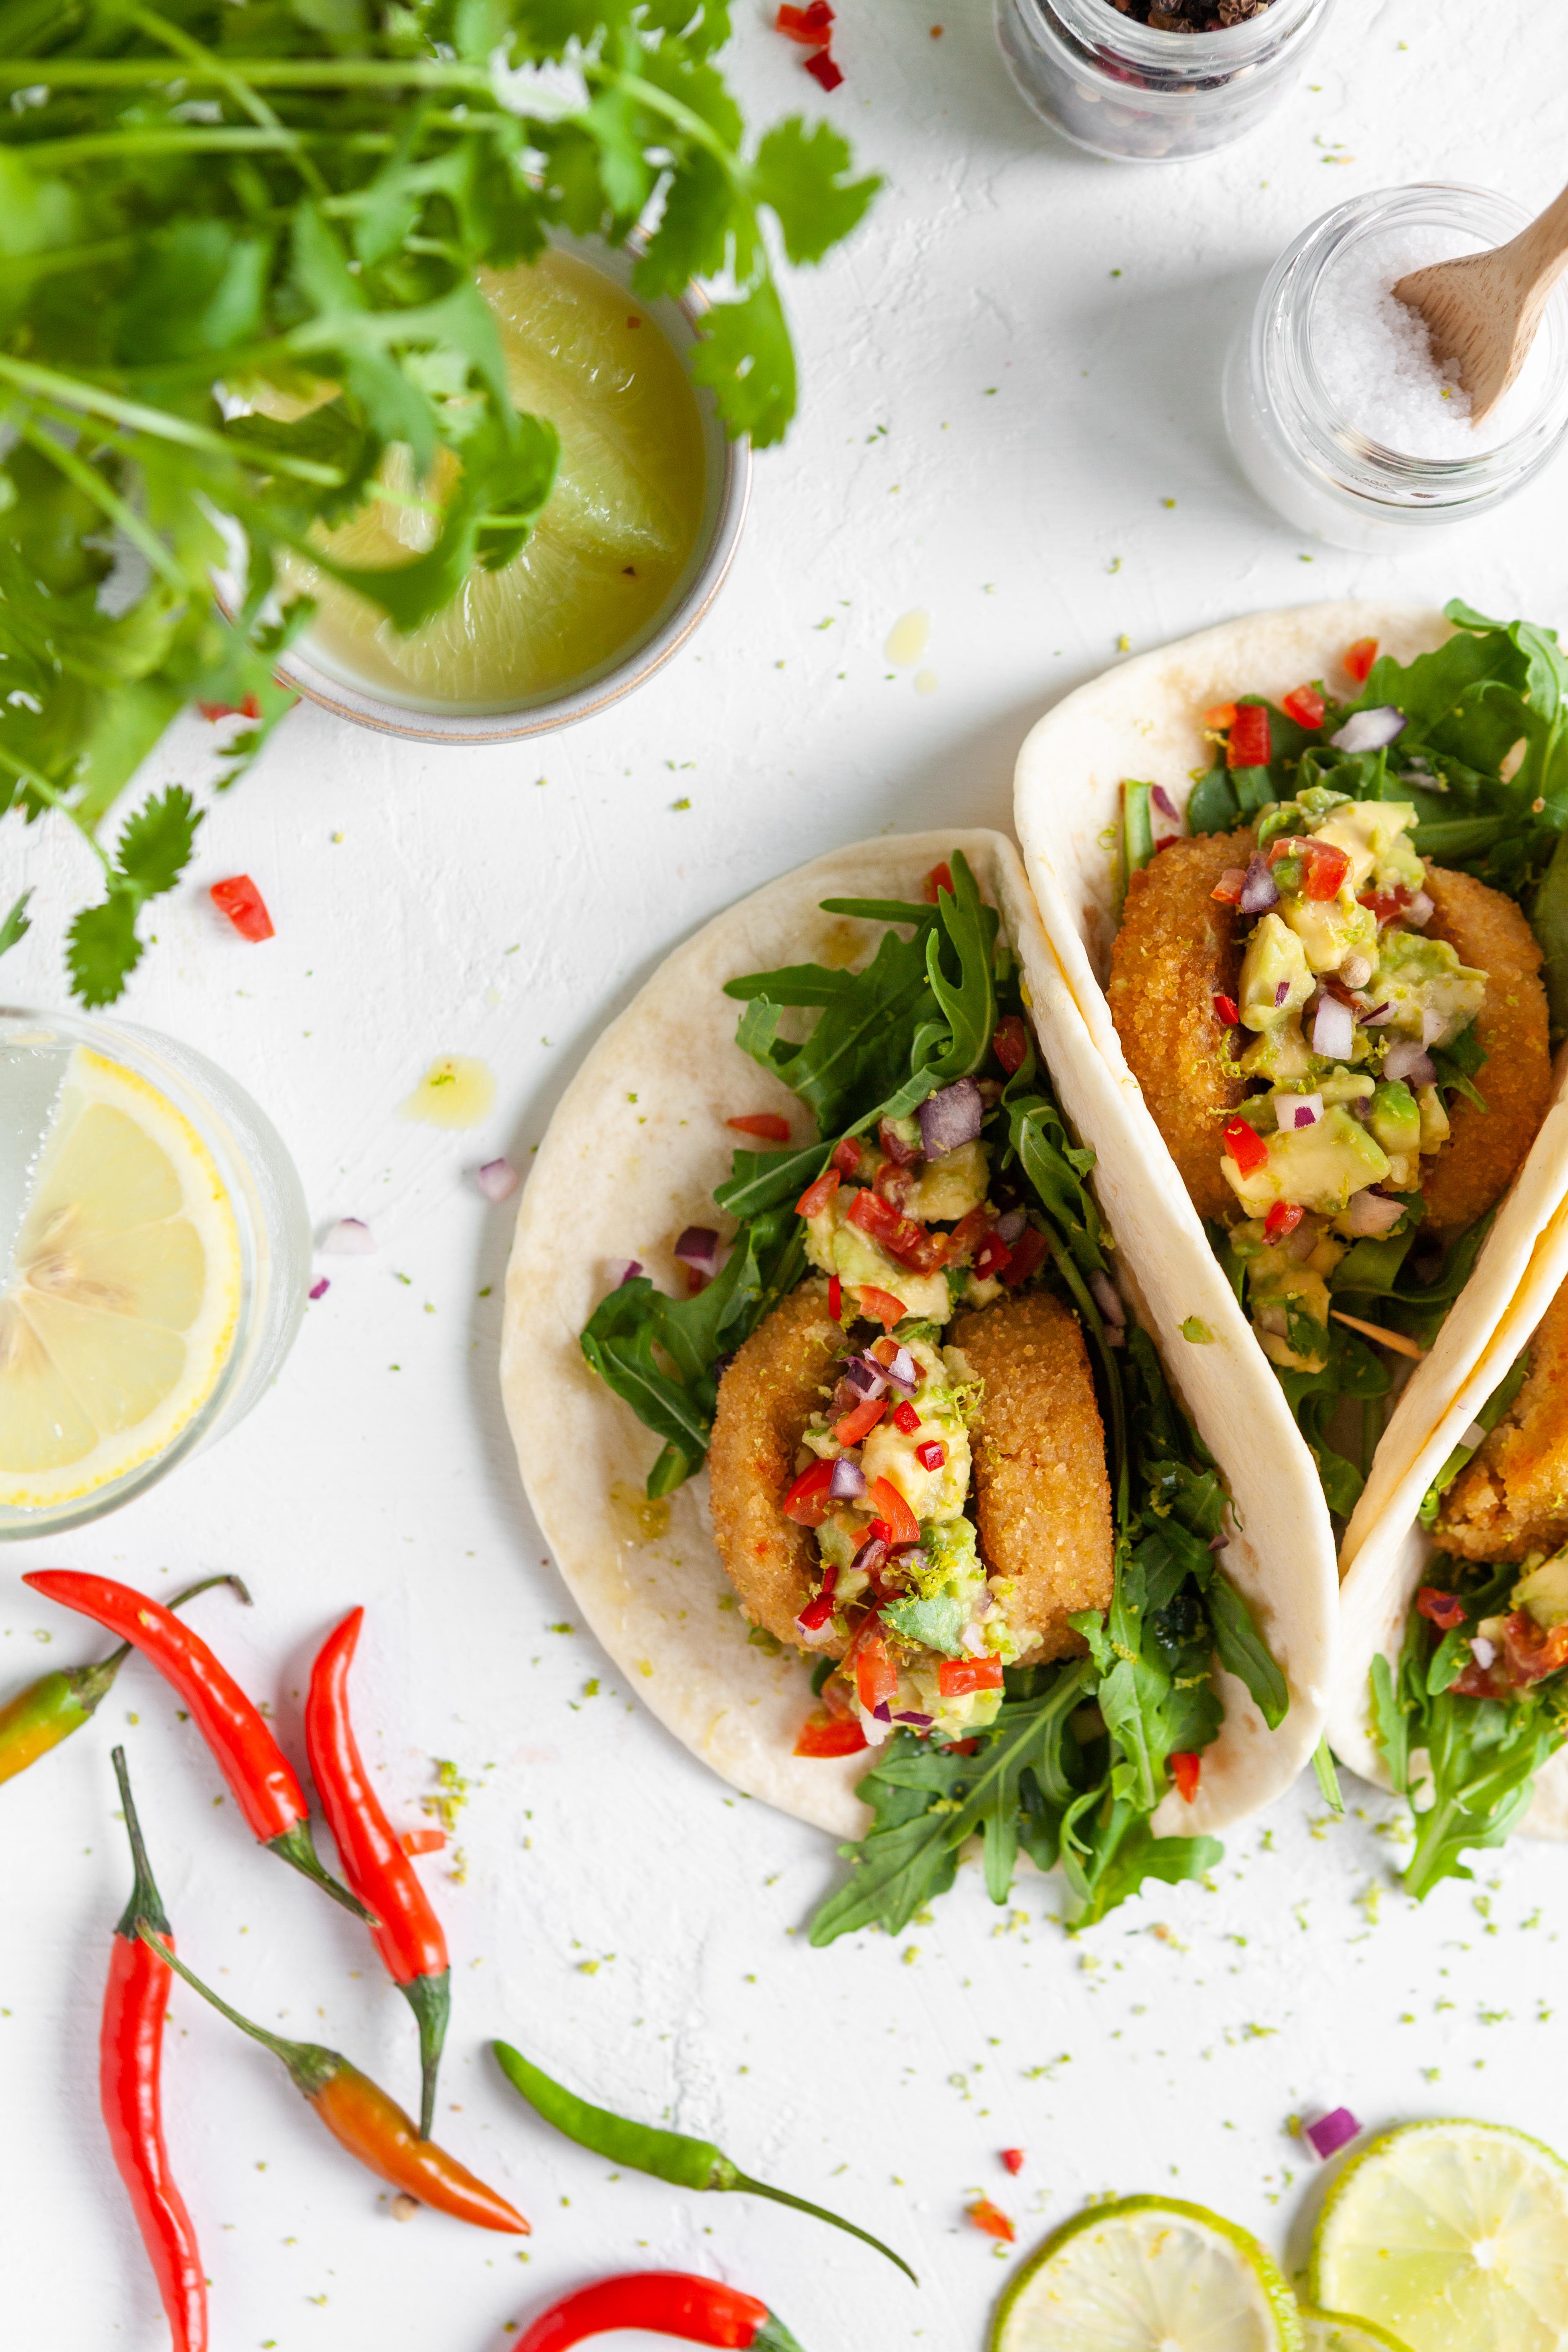 EVA magazine Winter 2019 - vegan voor vleeseters - Guac 'n 'tjies' taco